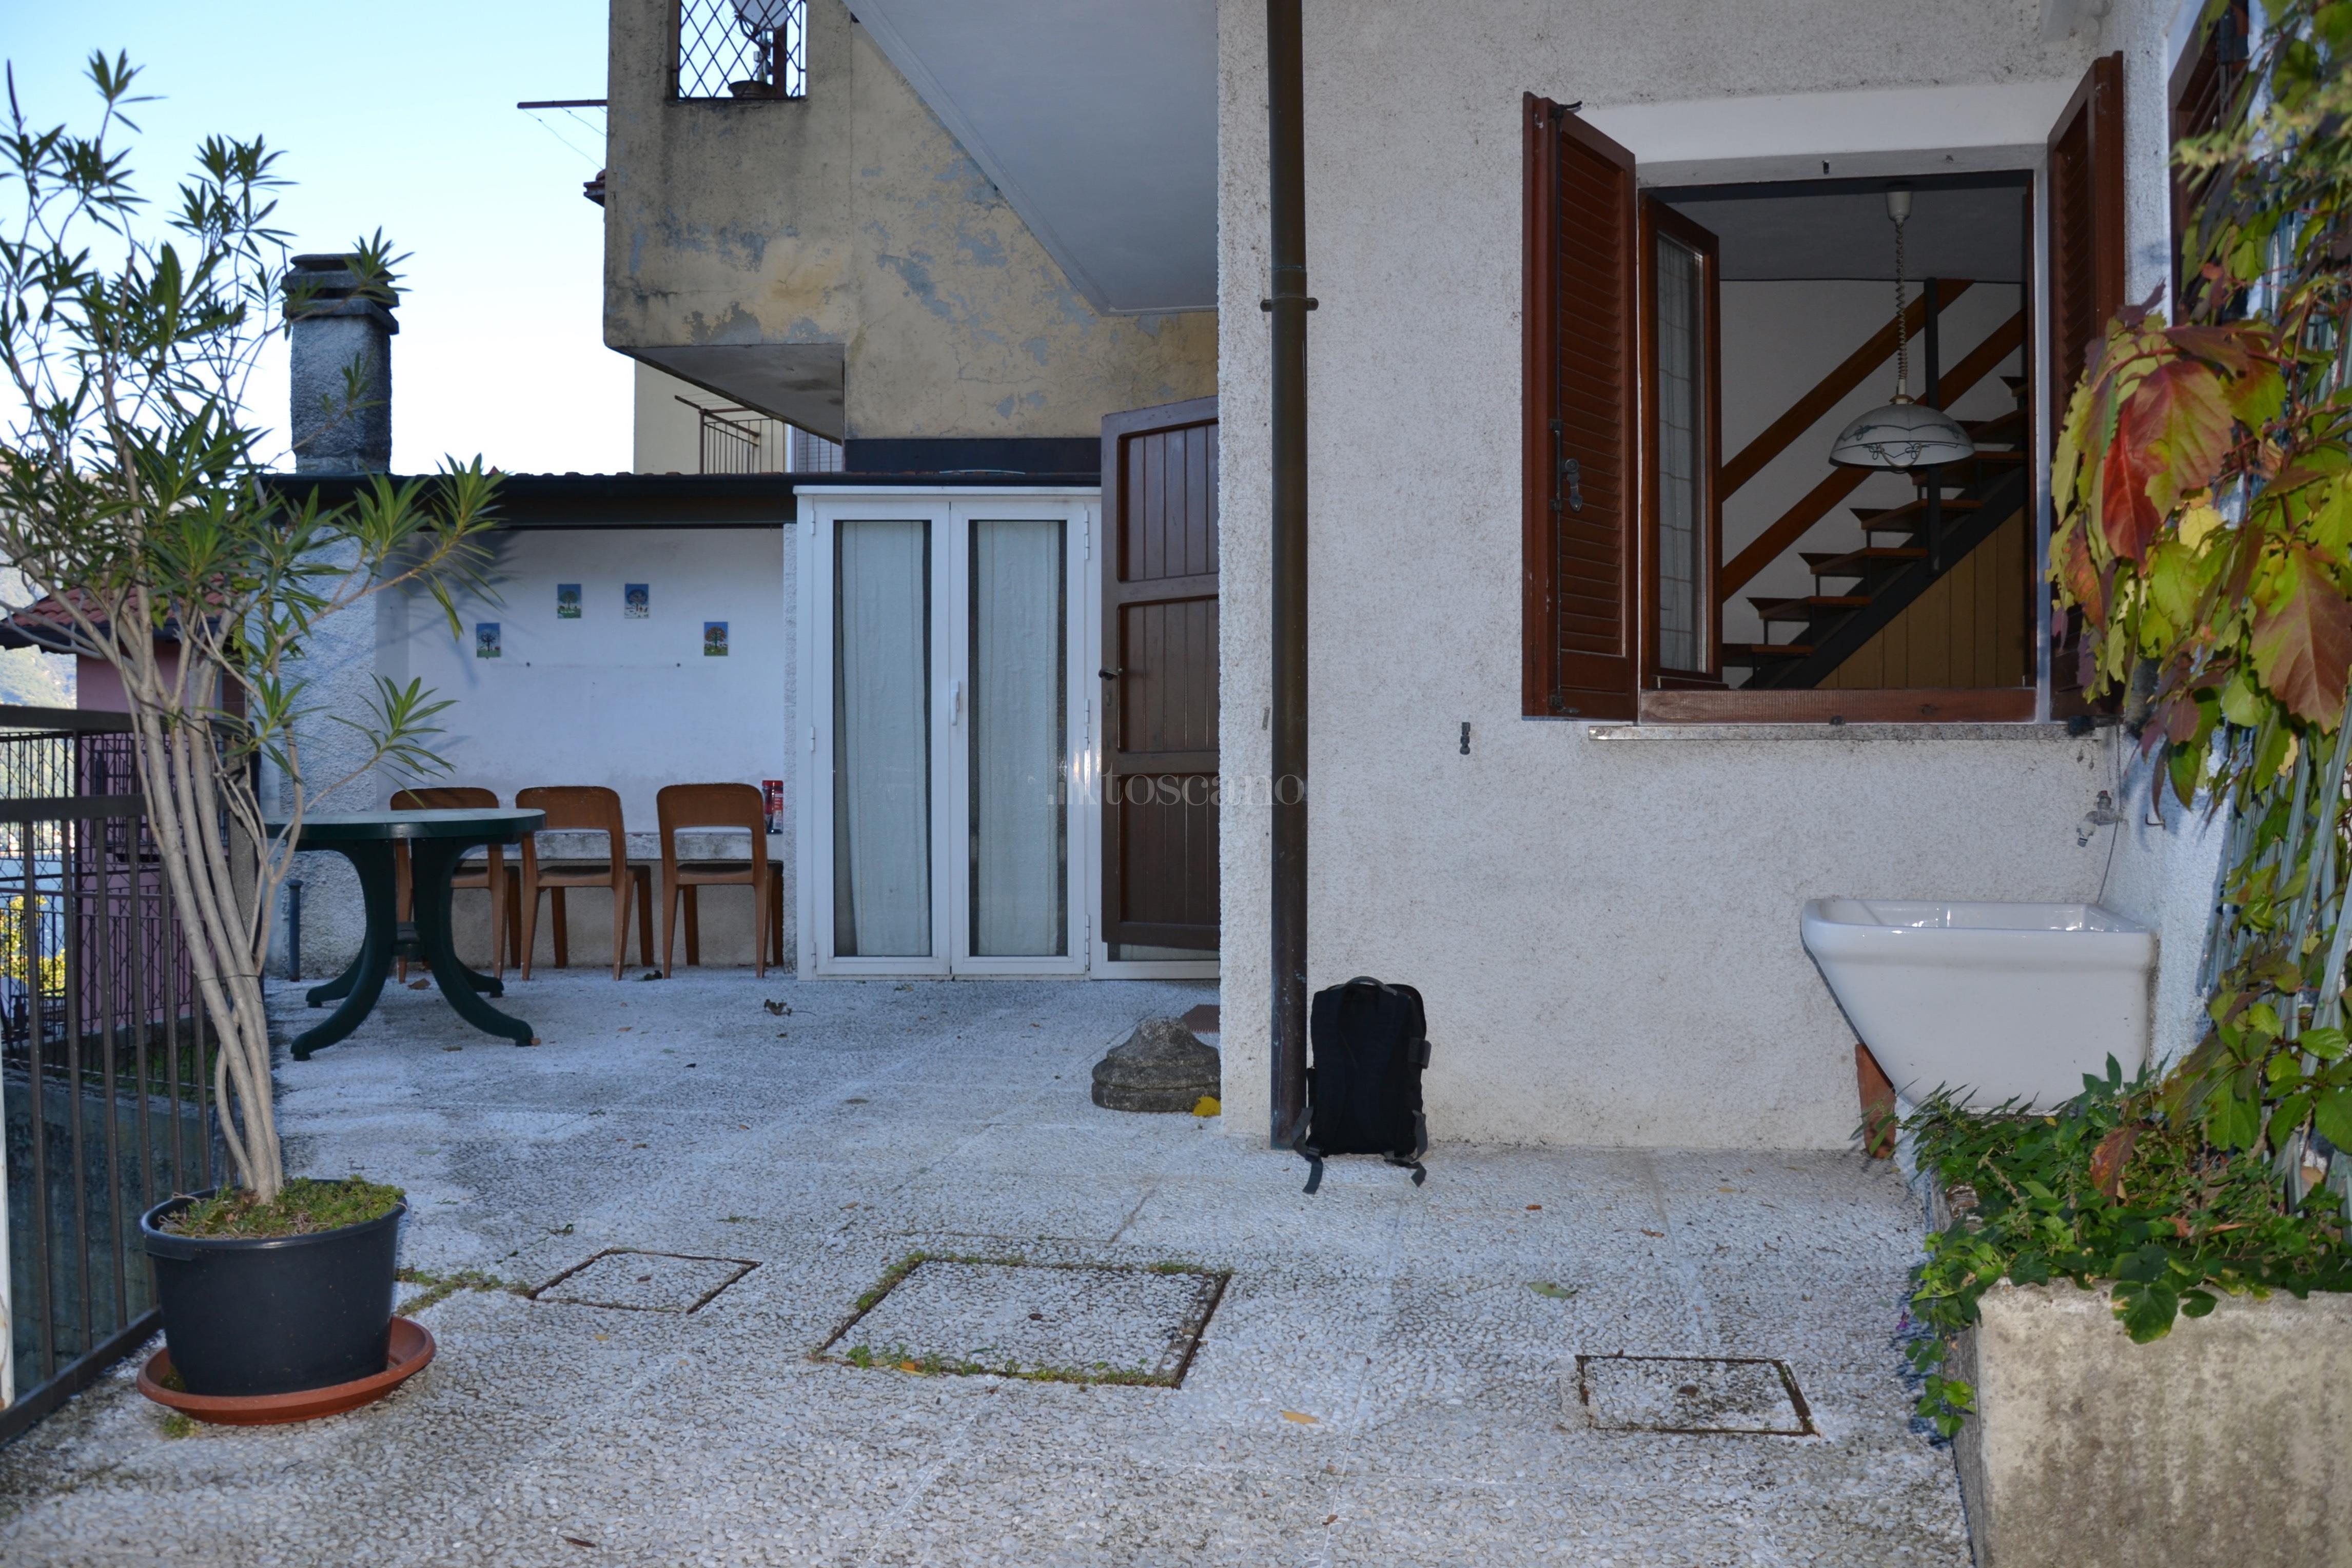 Vendita casa indipendente a blevio in blevio capovico 95 for Toscano immobiliare como